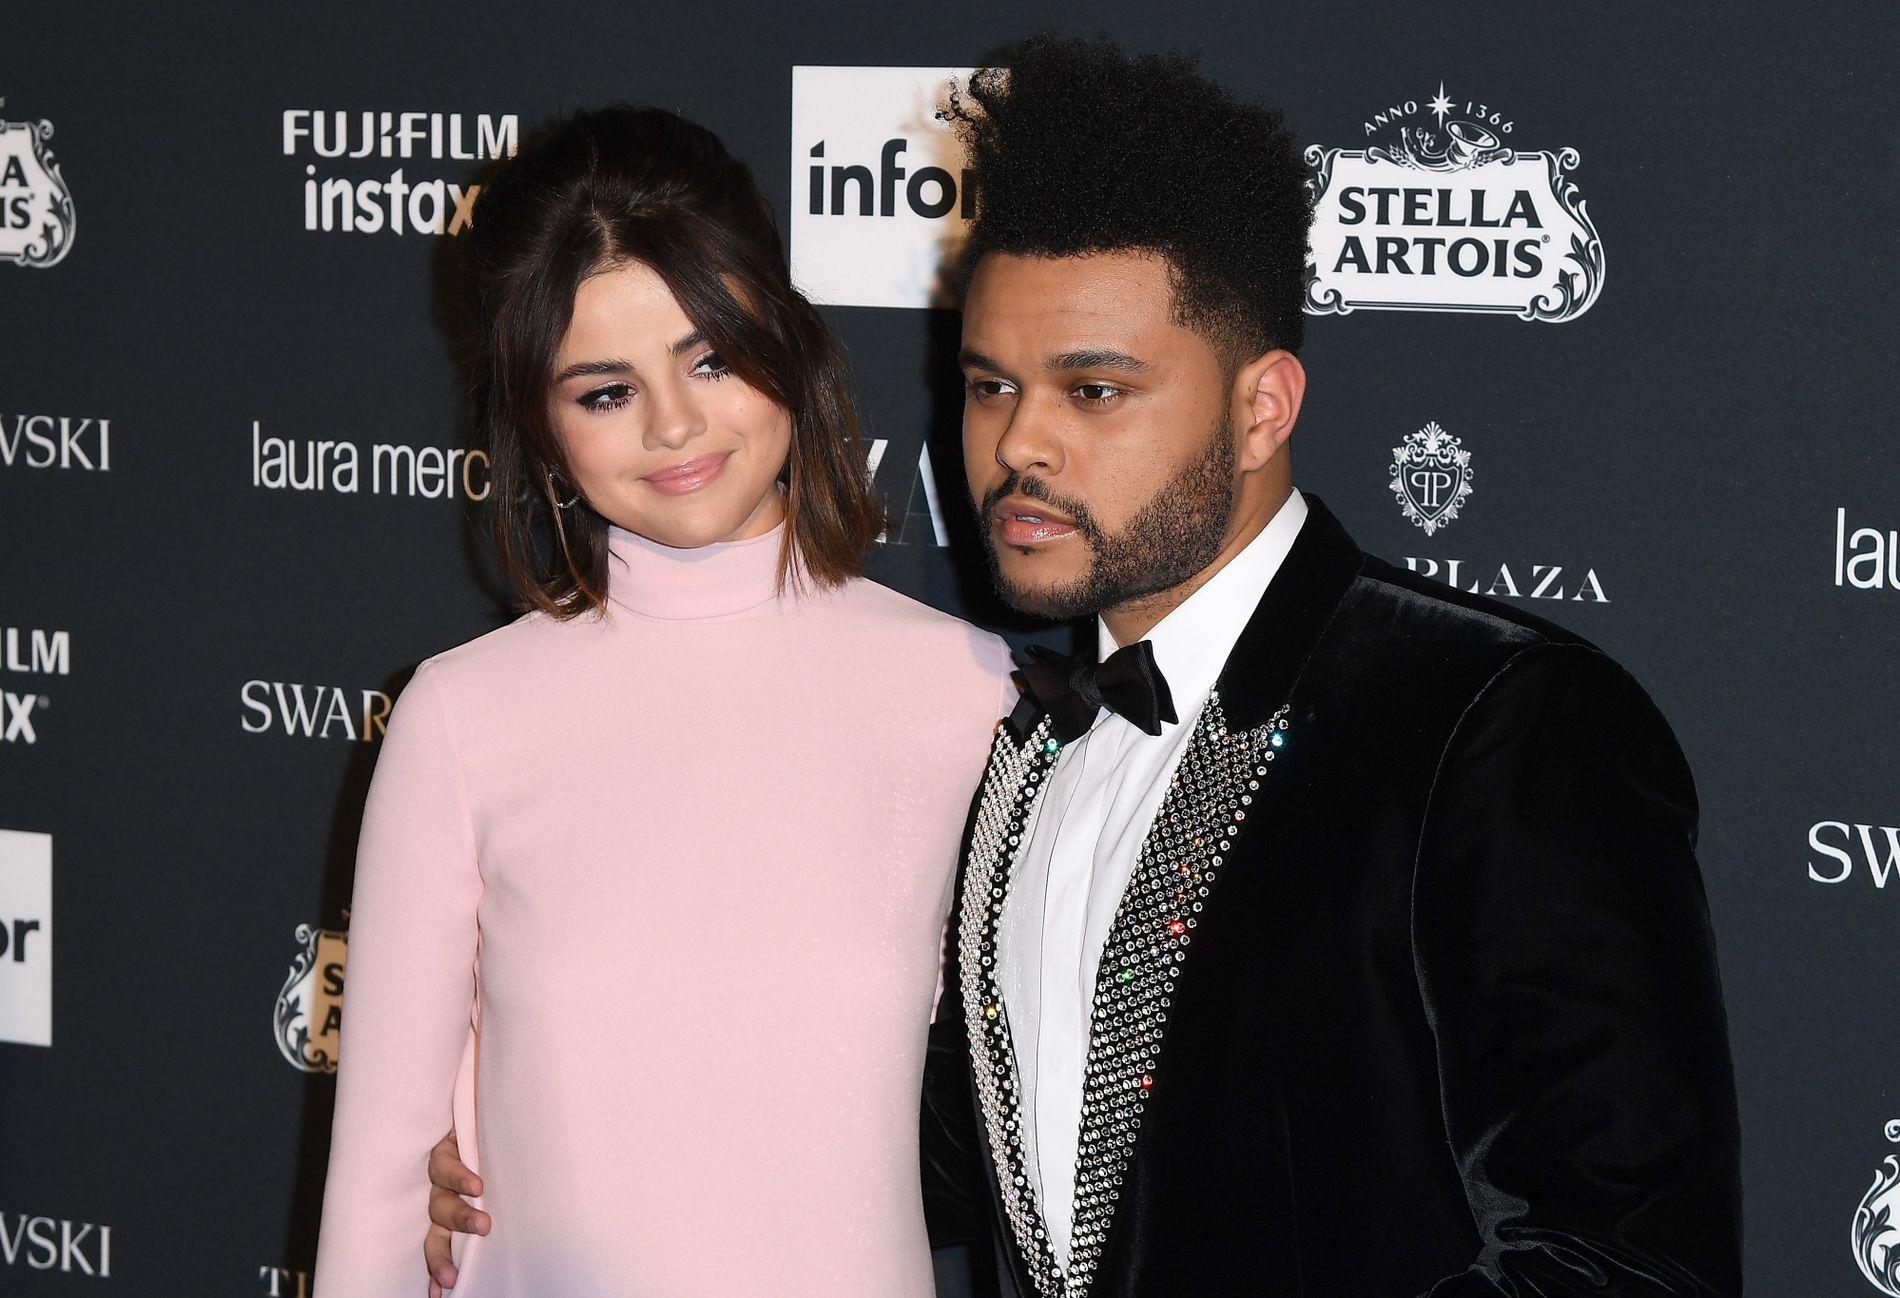 SKAL VÆRE SLUTT: Superparet Selena Gomez og The Weeknd skal ha endt romansen etter 10 måneder sammen.